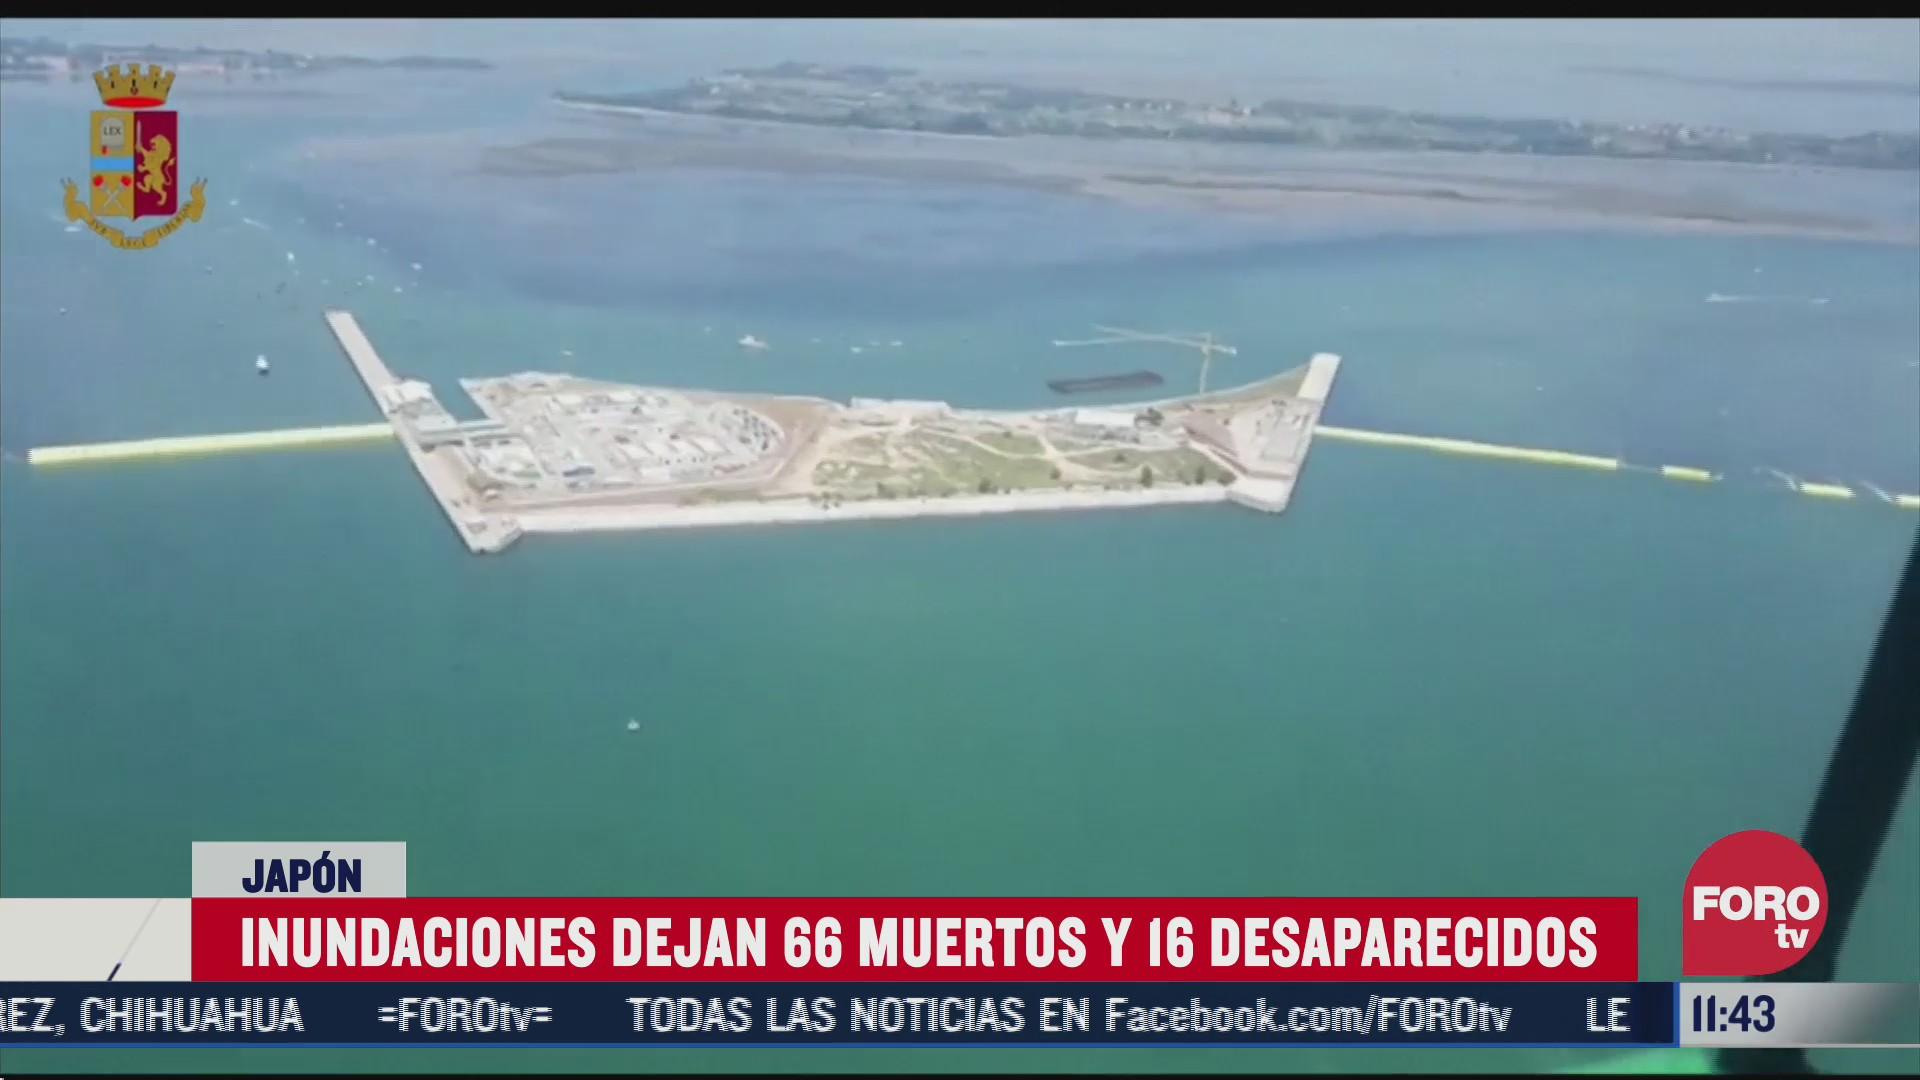 prueba con exito barreras anti inundacion en venecia italia